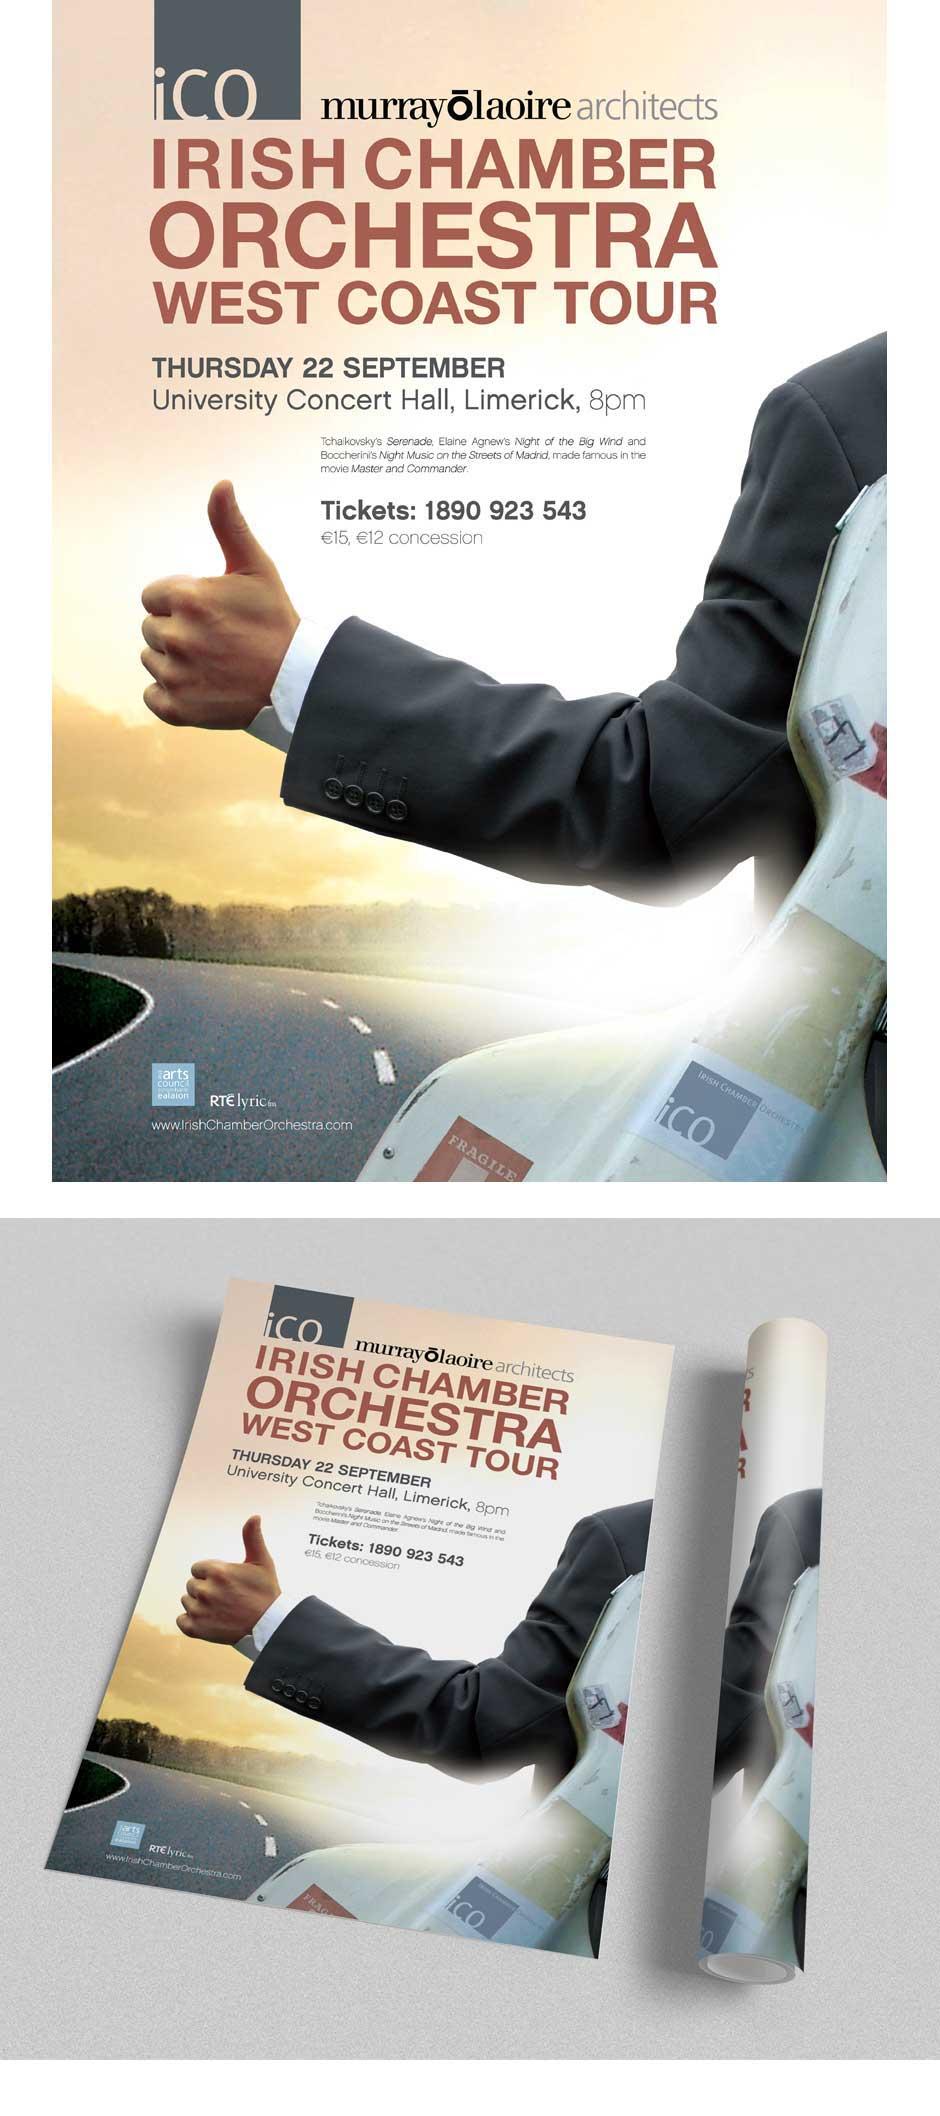 Irish chamber orchestra design